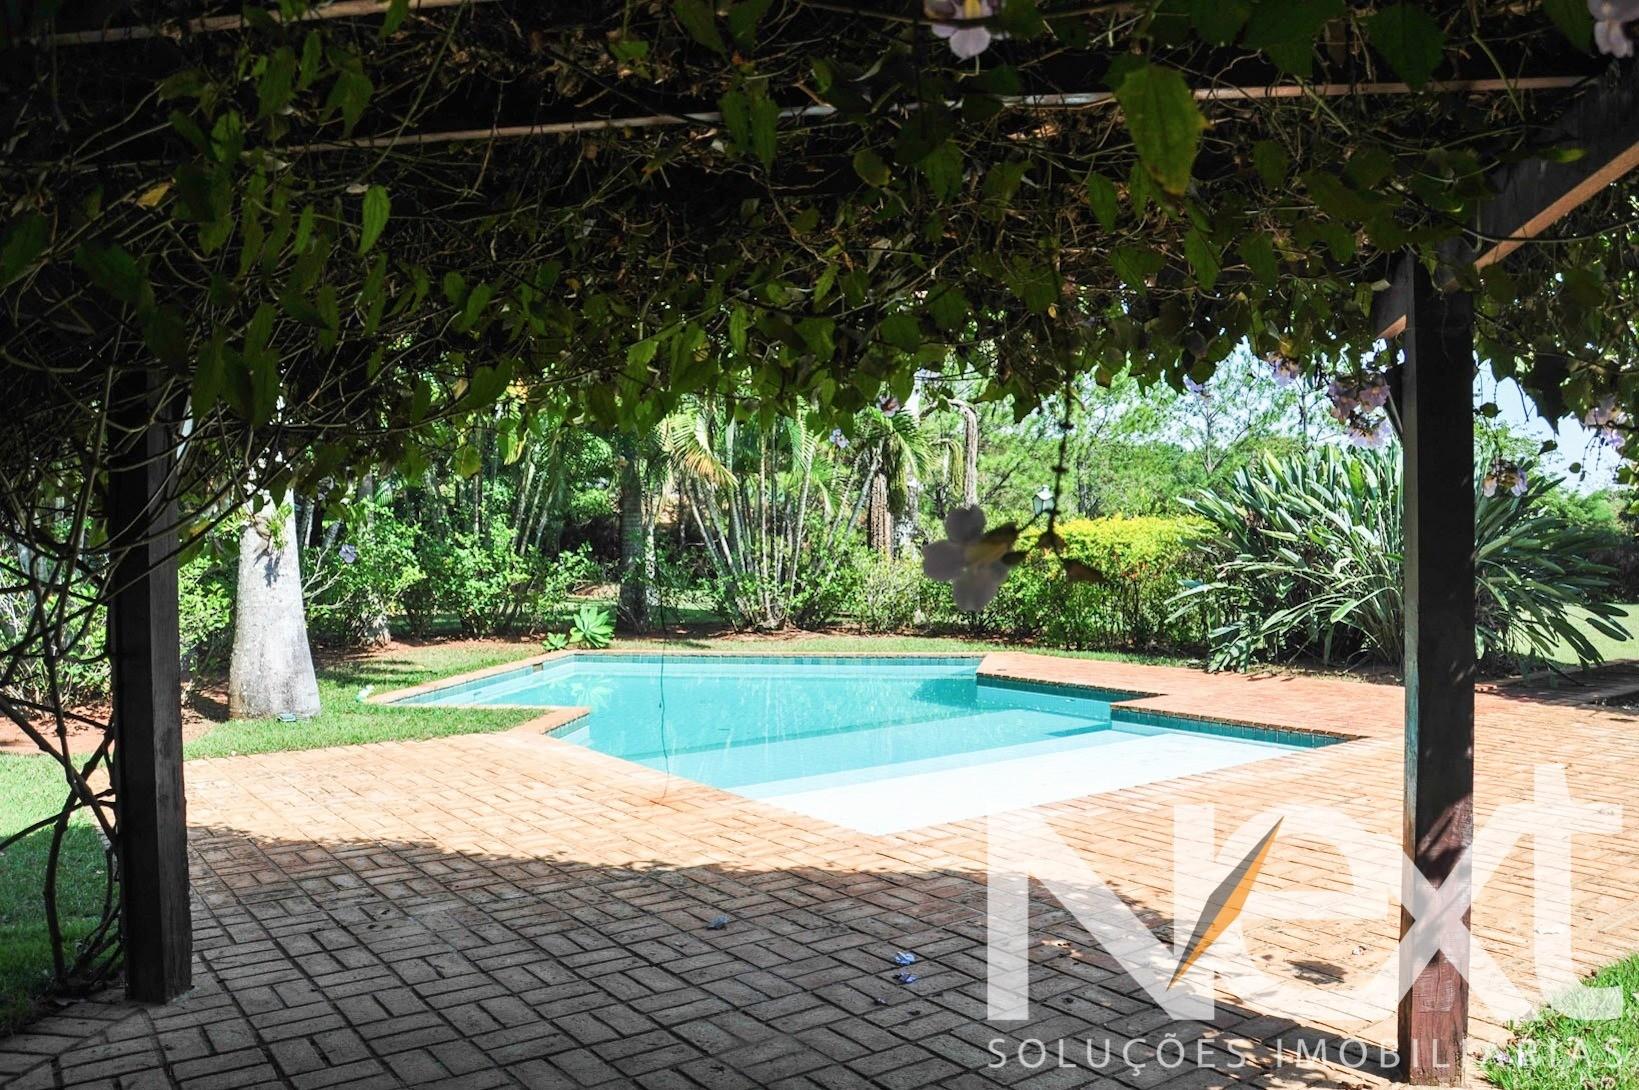 Condomínio de 3 dormitórios à venda em Duas Marias, Jaguariuna - SP